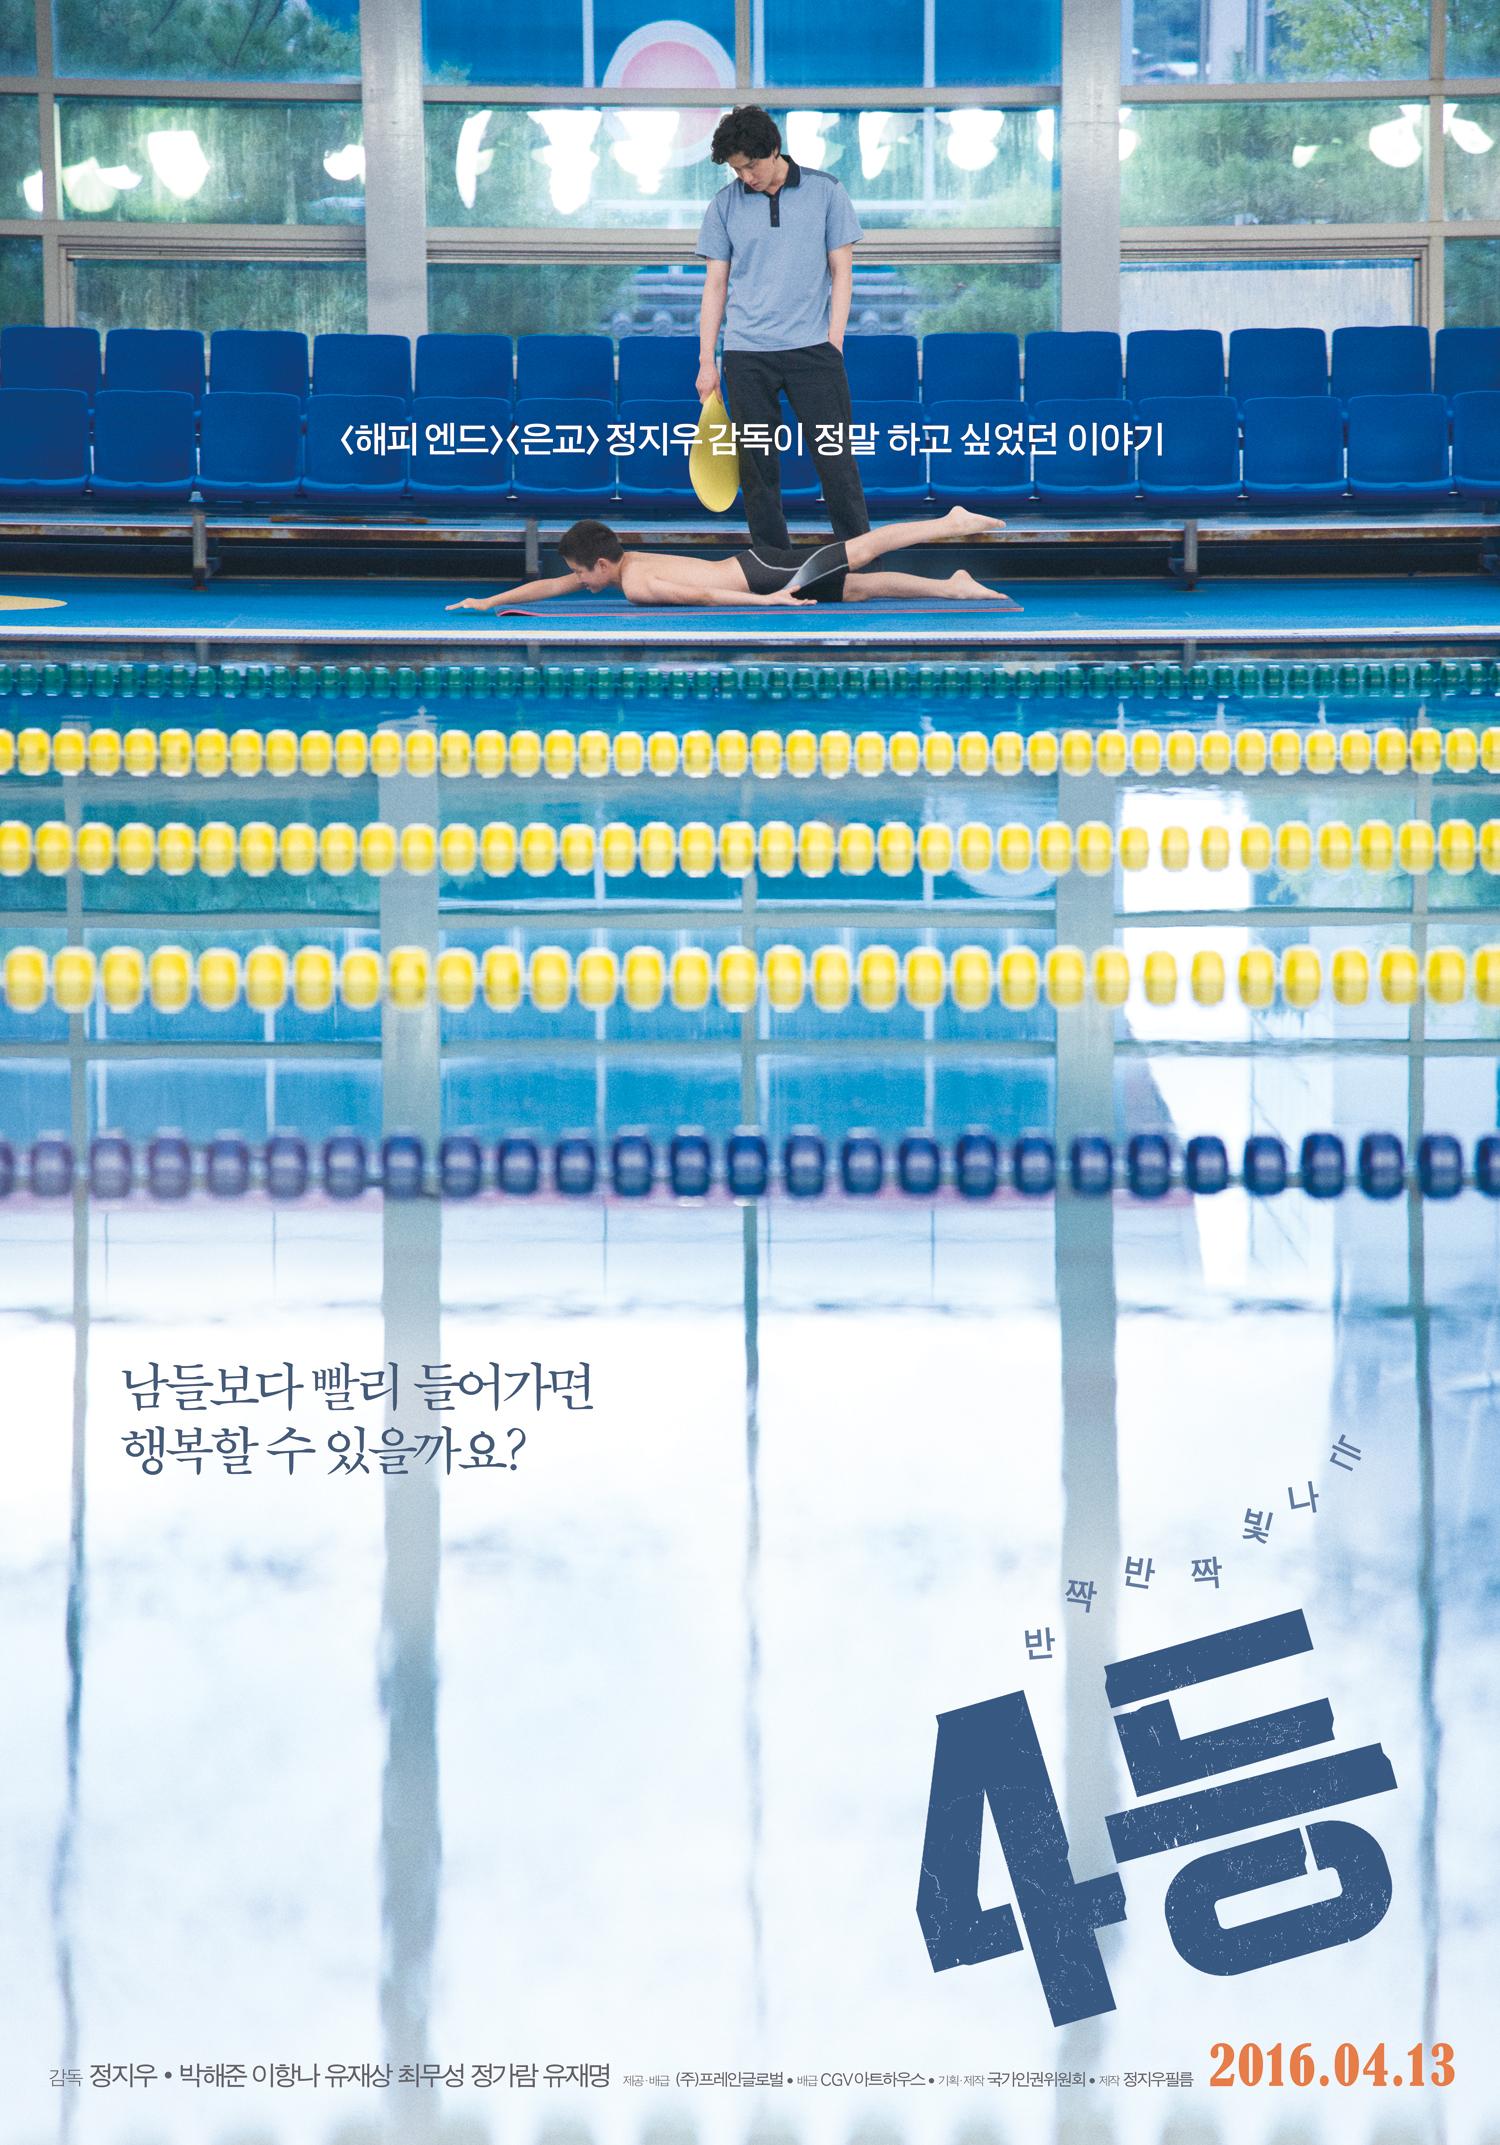 ترجمة فيلم الرياضة والدراما الكوري Fourth Place